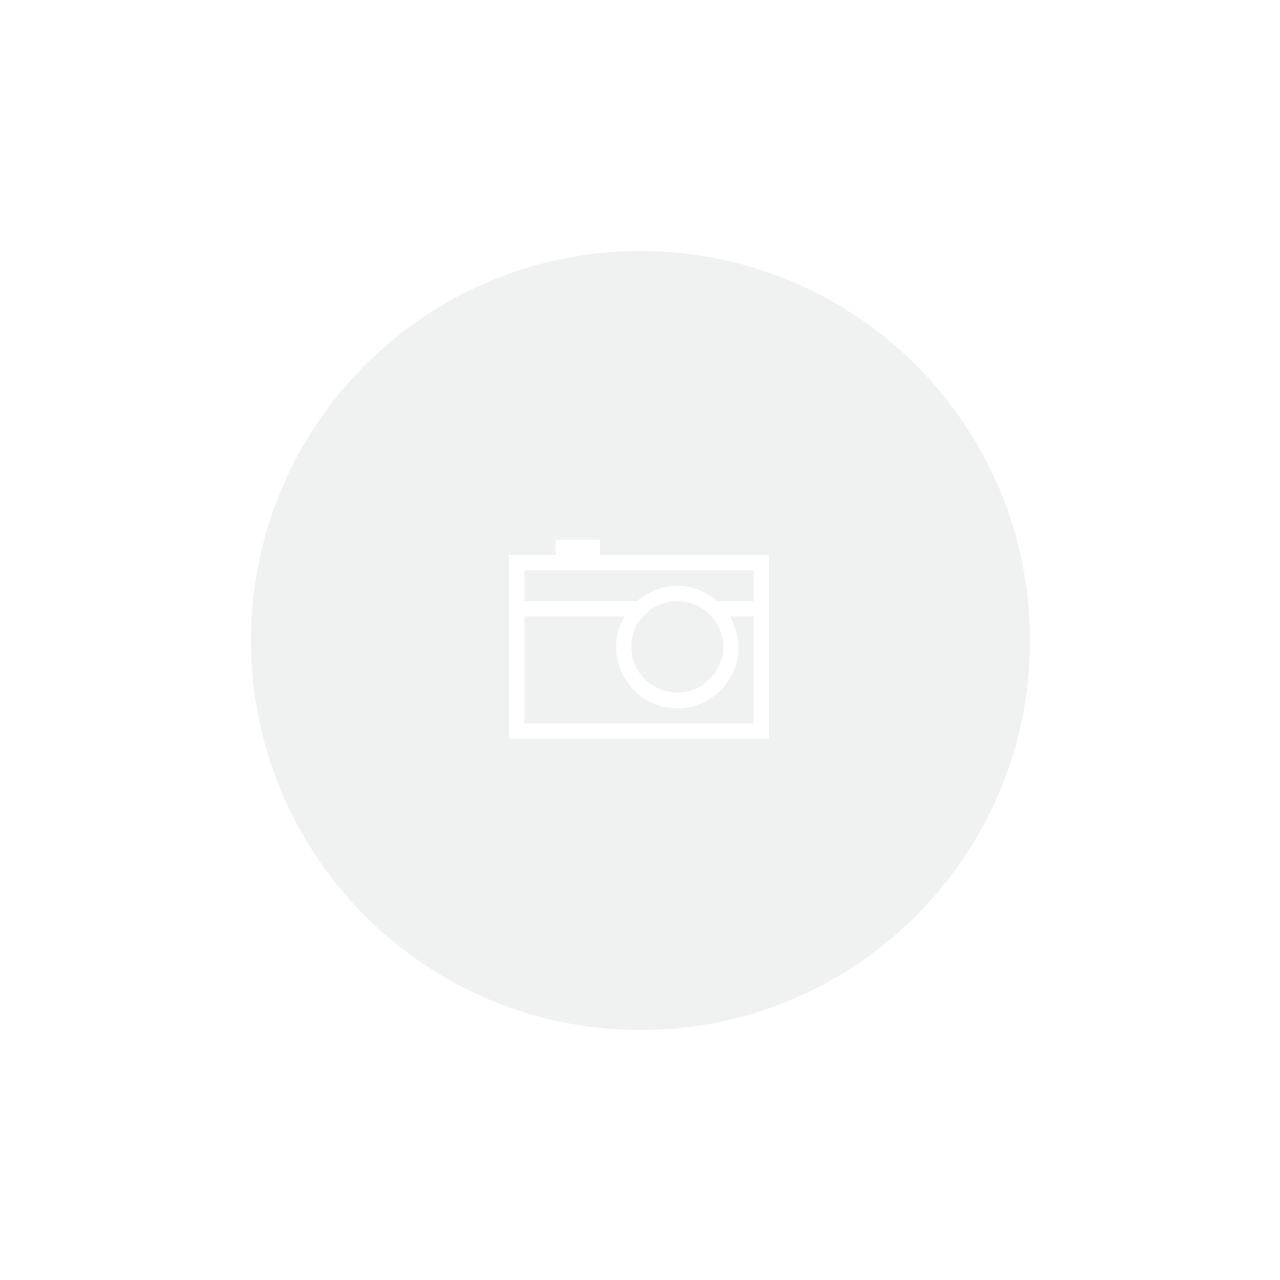 Placa Horizontal 4x2 - 3 módulos juntos